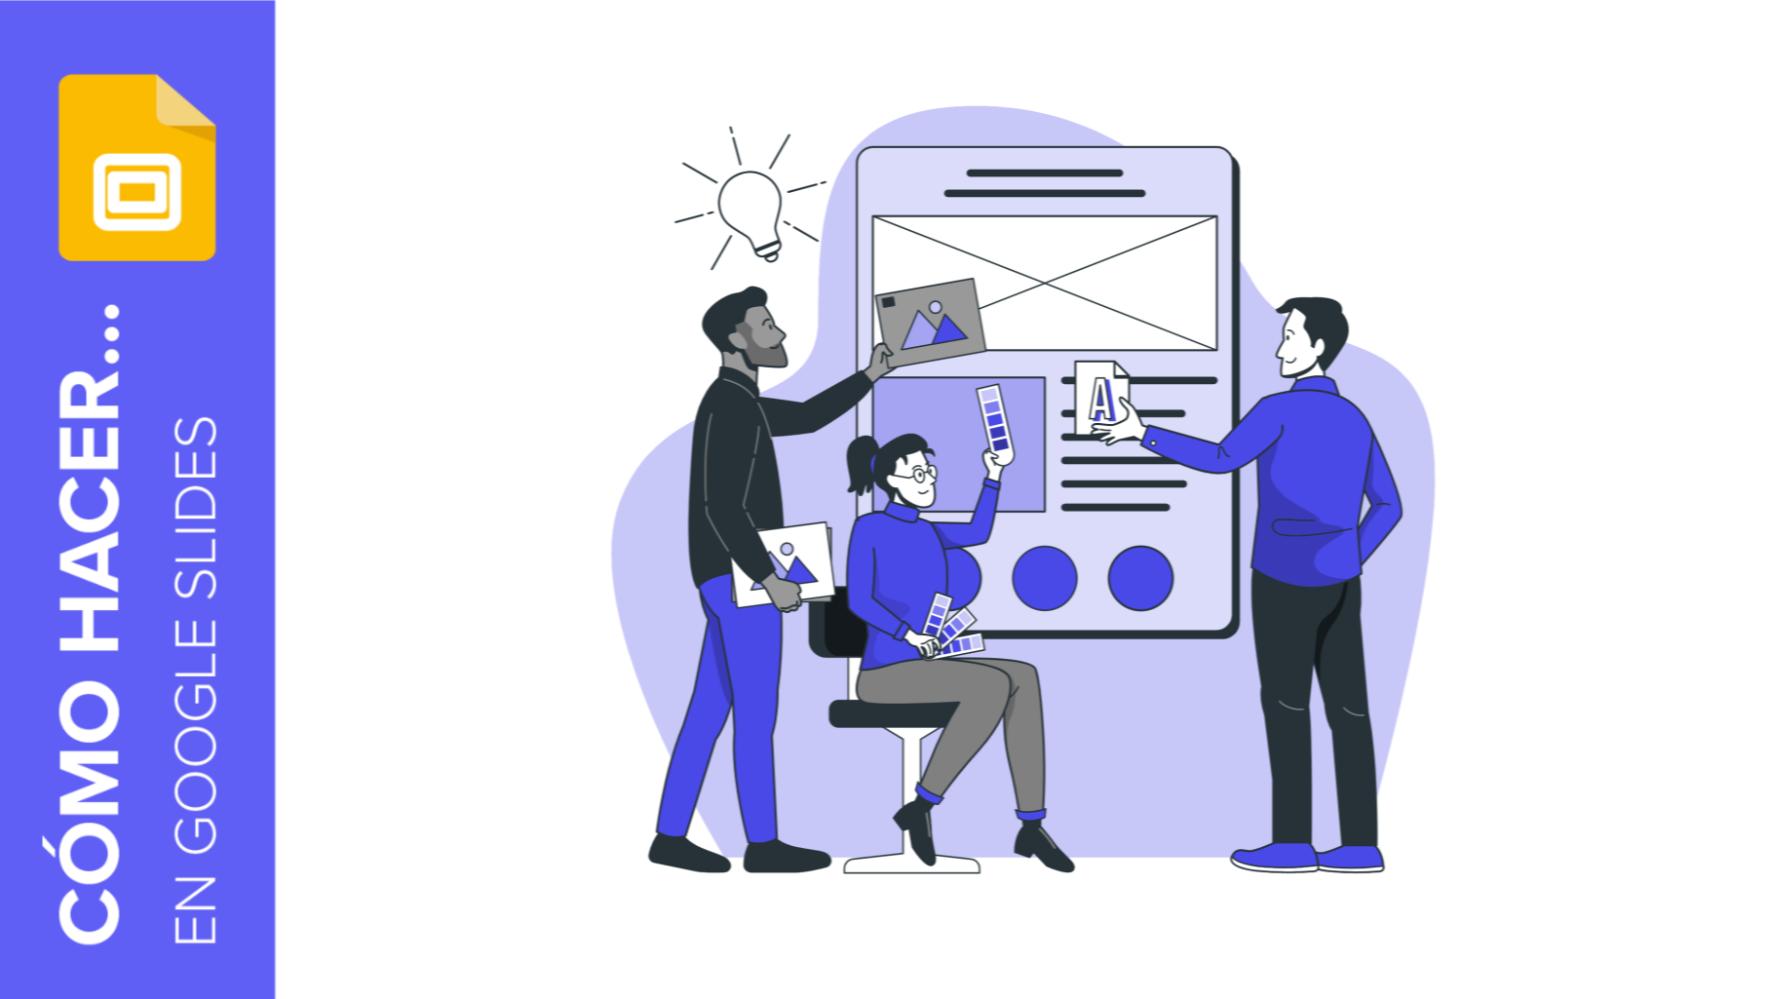 Cómo crear un banner en Google Slides | Tutoriales y Tips para tus presentaciones